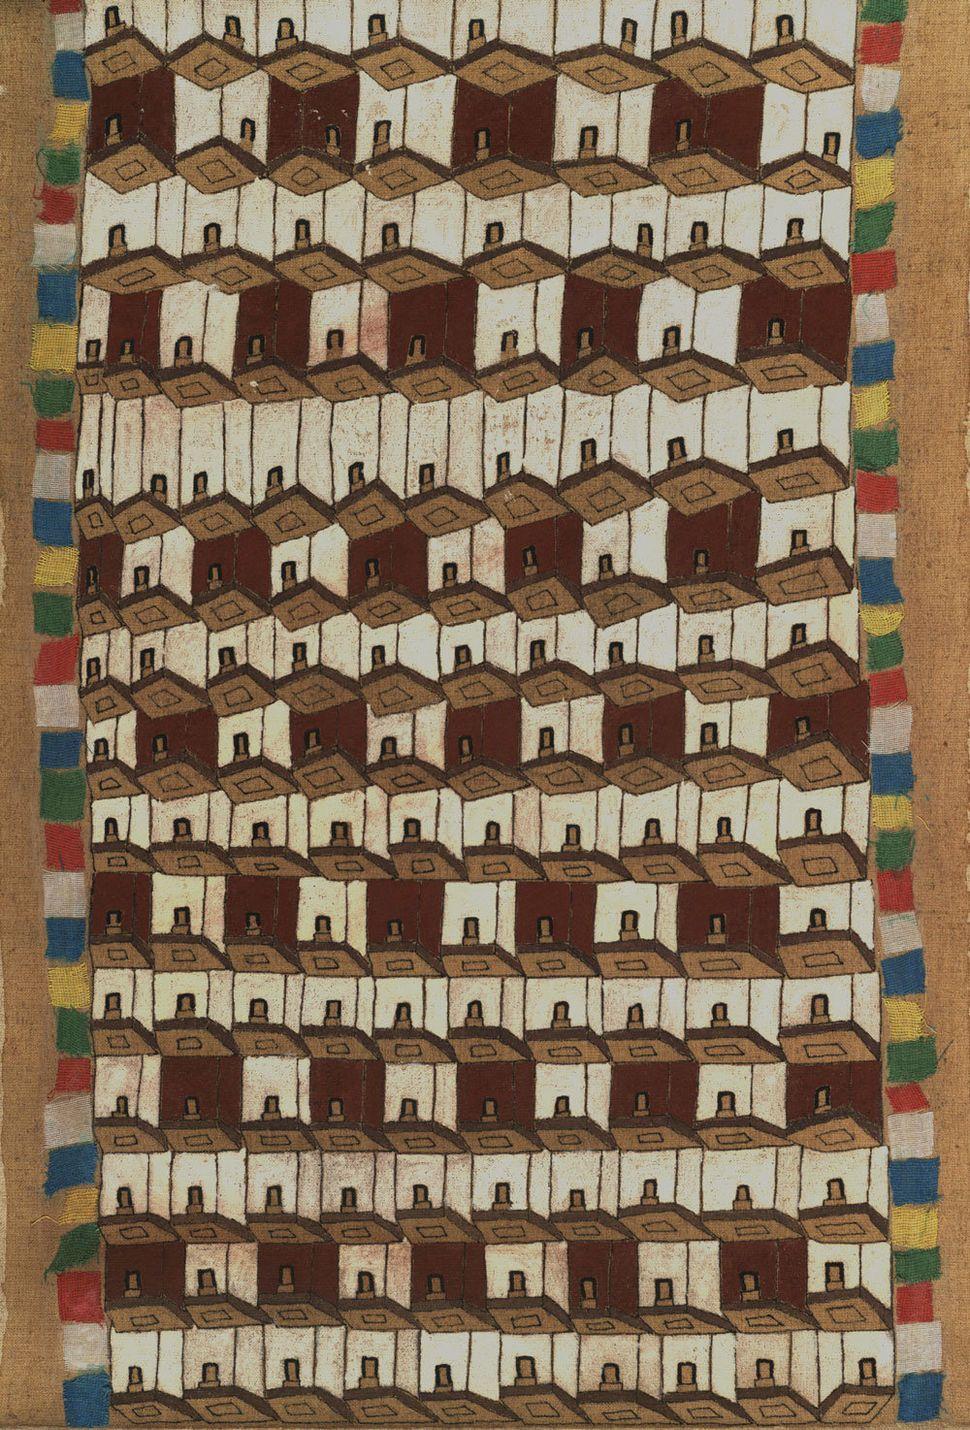 Tashi Phuntsok, PrayerBeads